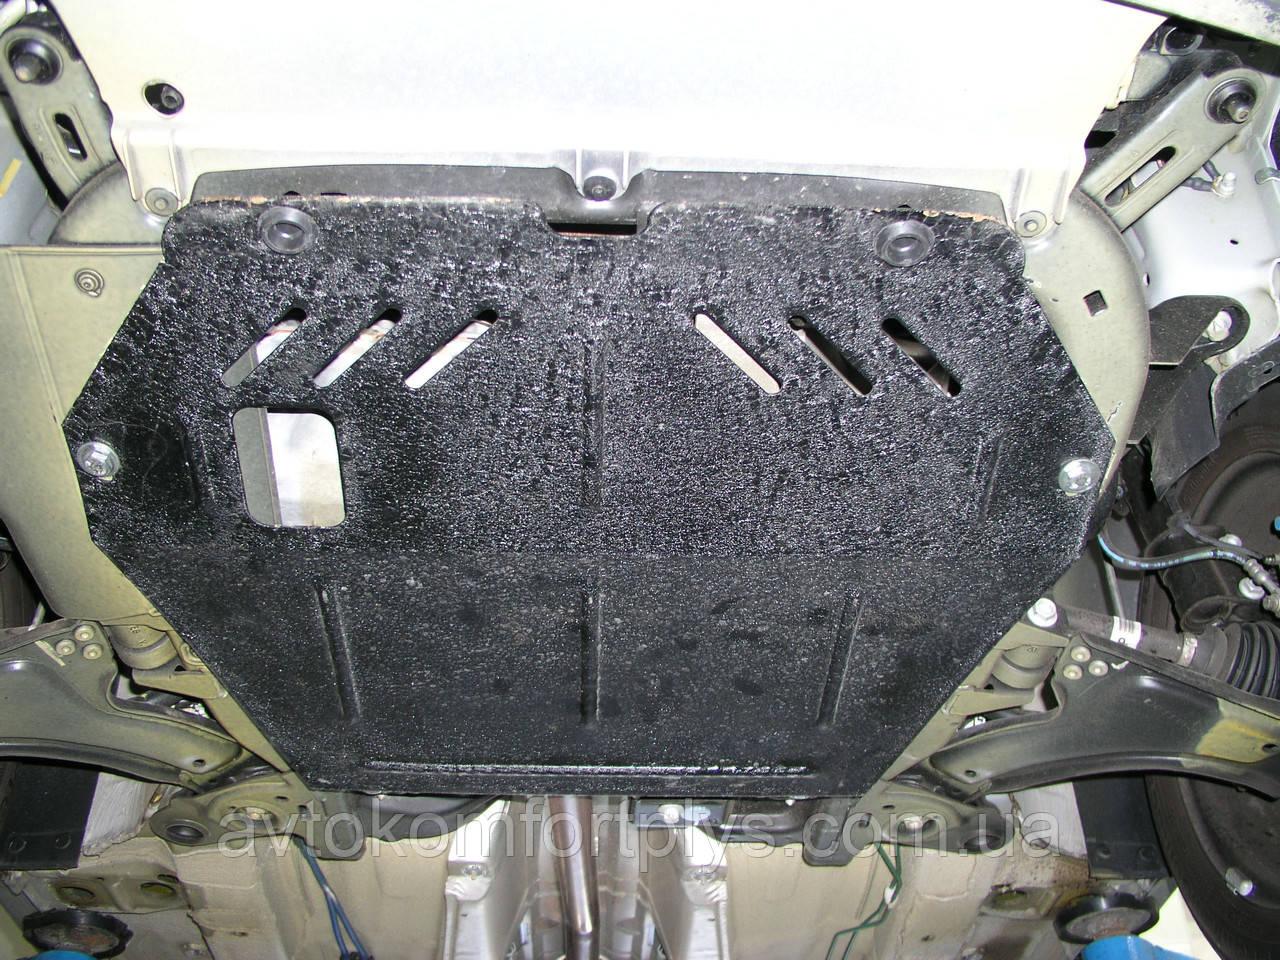 Металлическая (стальная) защита двигателя (картера) Opel Combo С (2001-2011) (V-1,6; 1,3 CRDI)